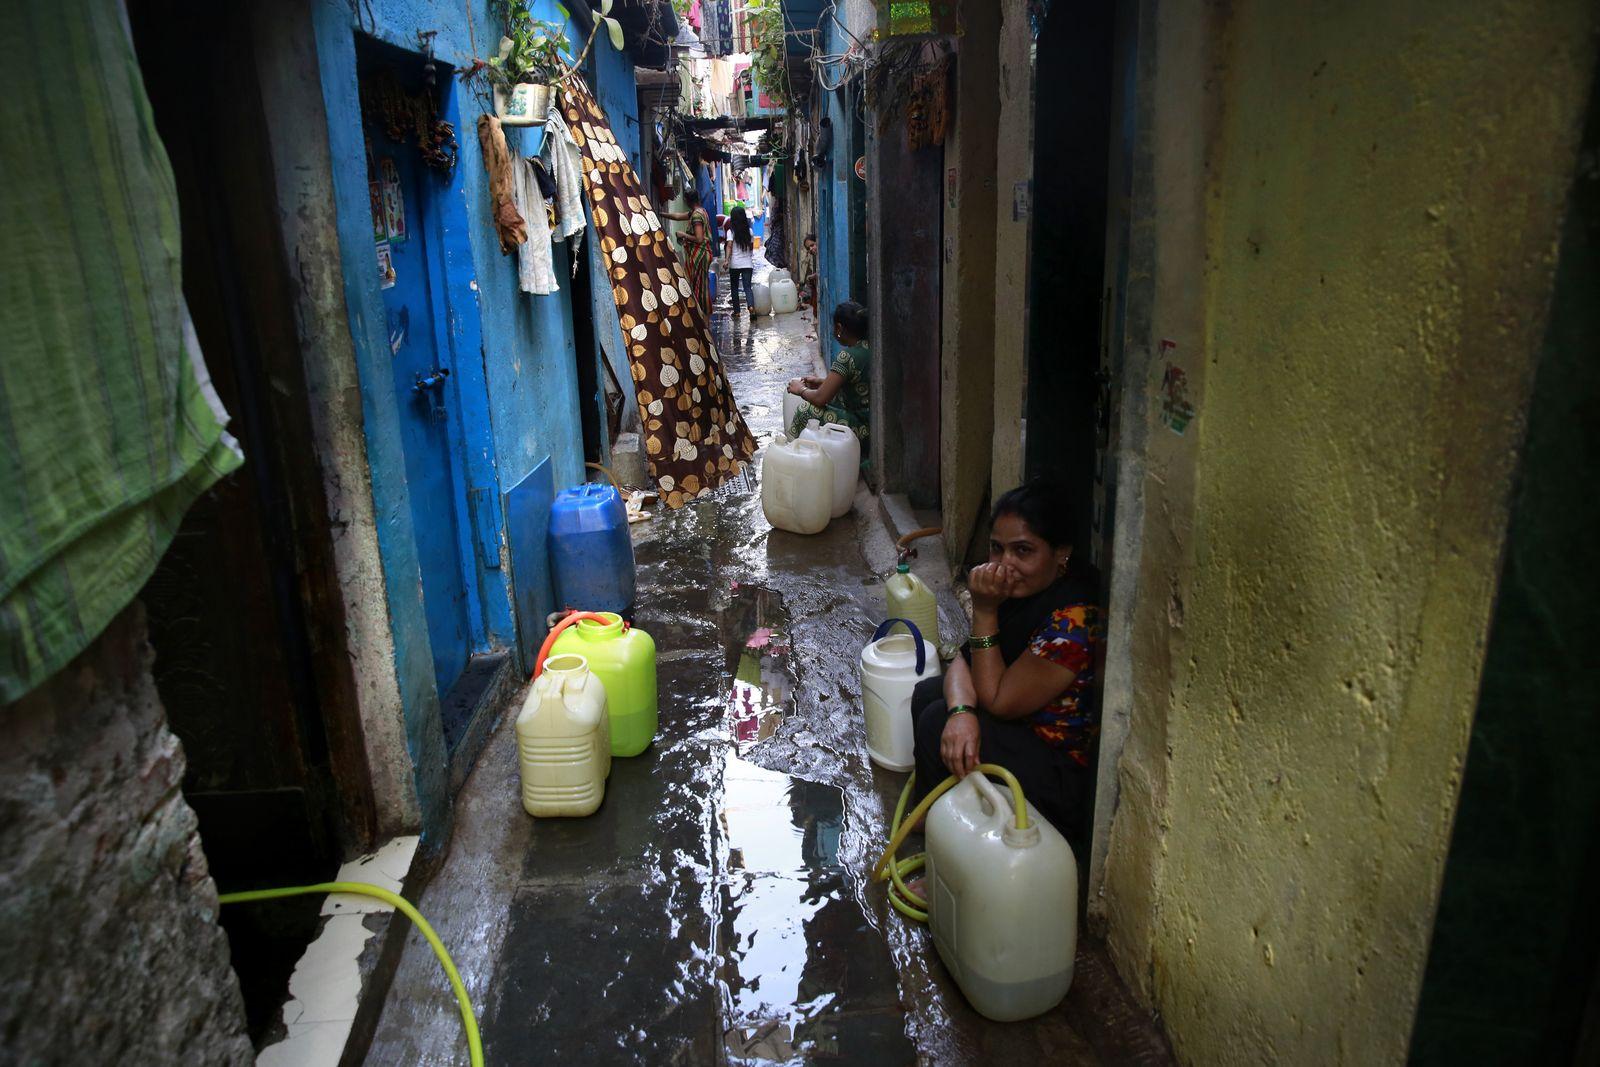 Mehr als zwei Milliarden Menschen ohne Zugang zu sauberem Wasser